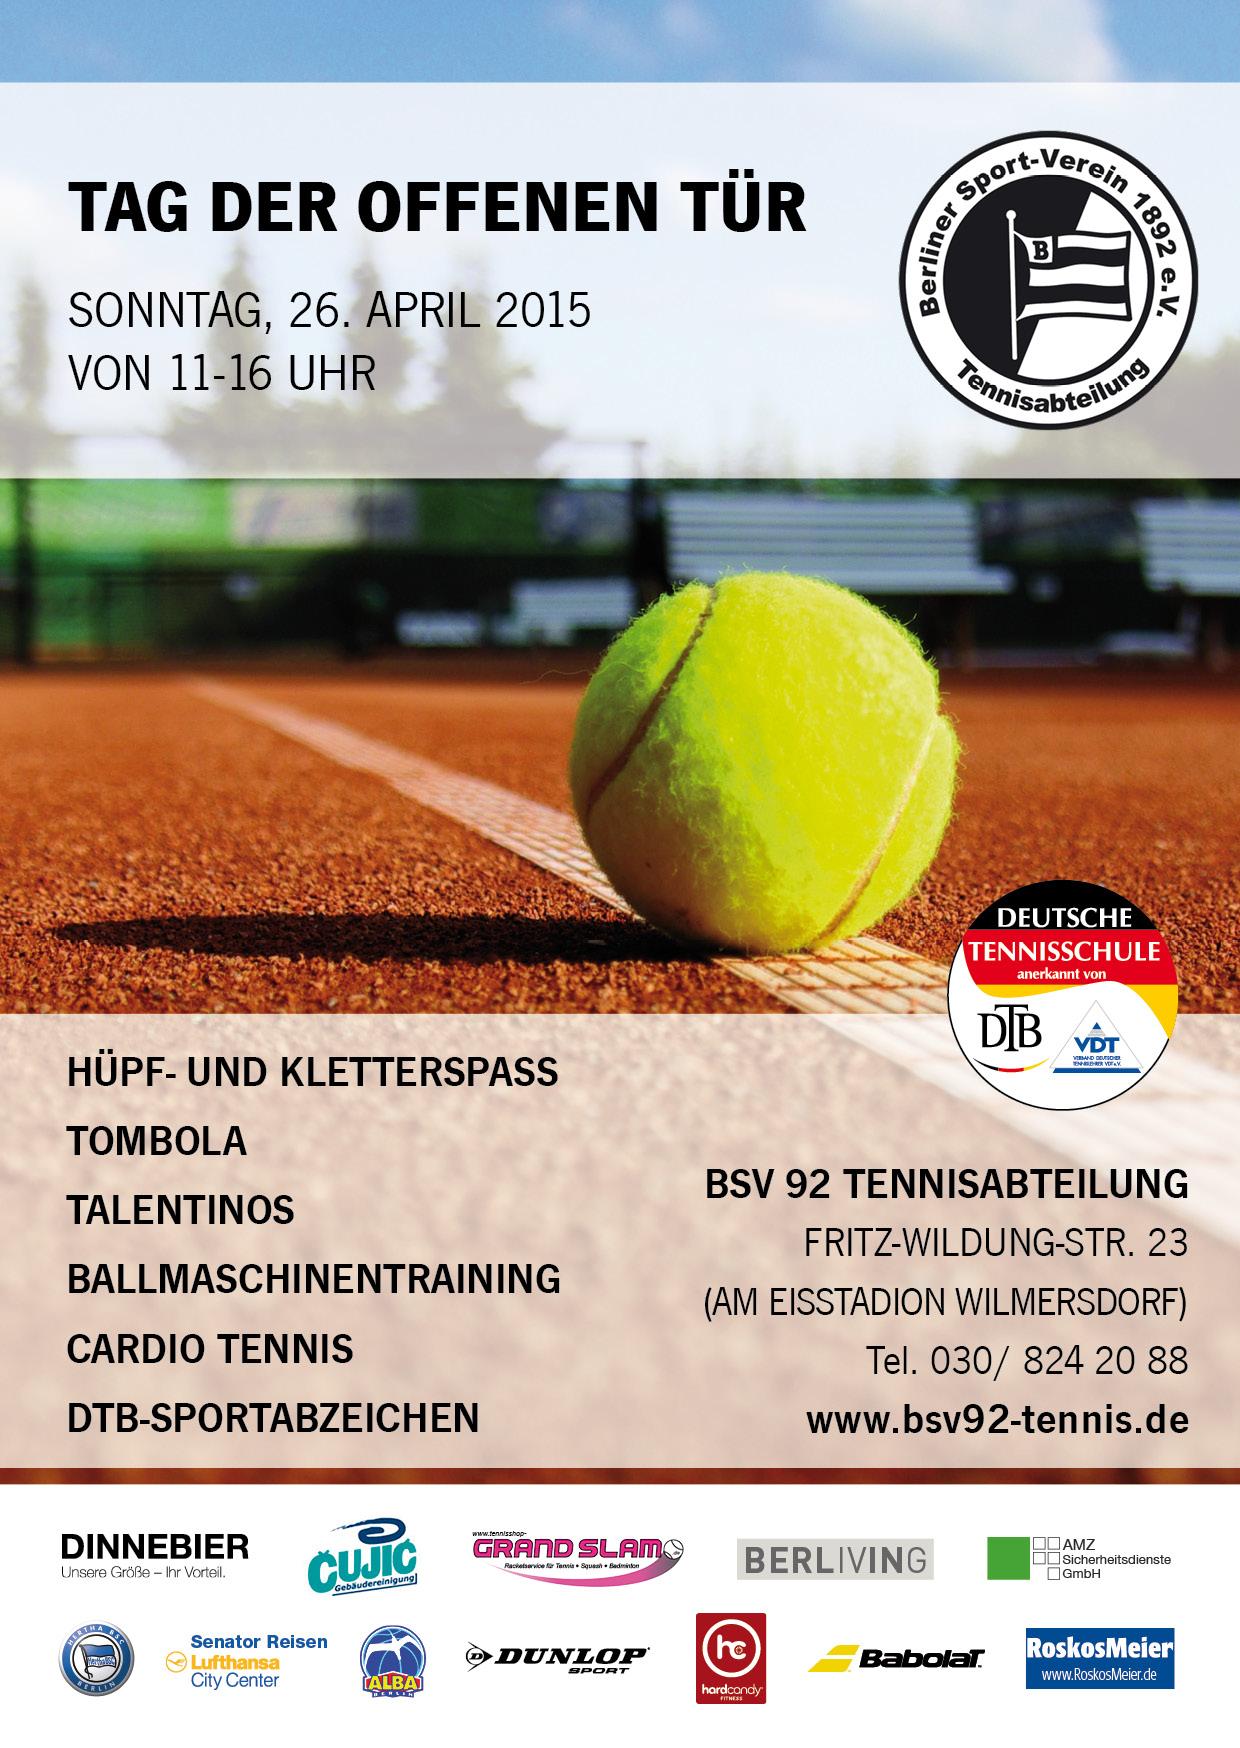 Wann ist tag der offenen tür  Tag der offenen Tür beim BSV - Tennis-Verband Berlin-Brandenburg e.V.